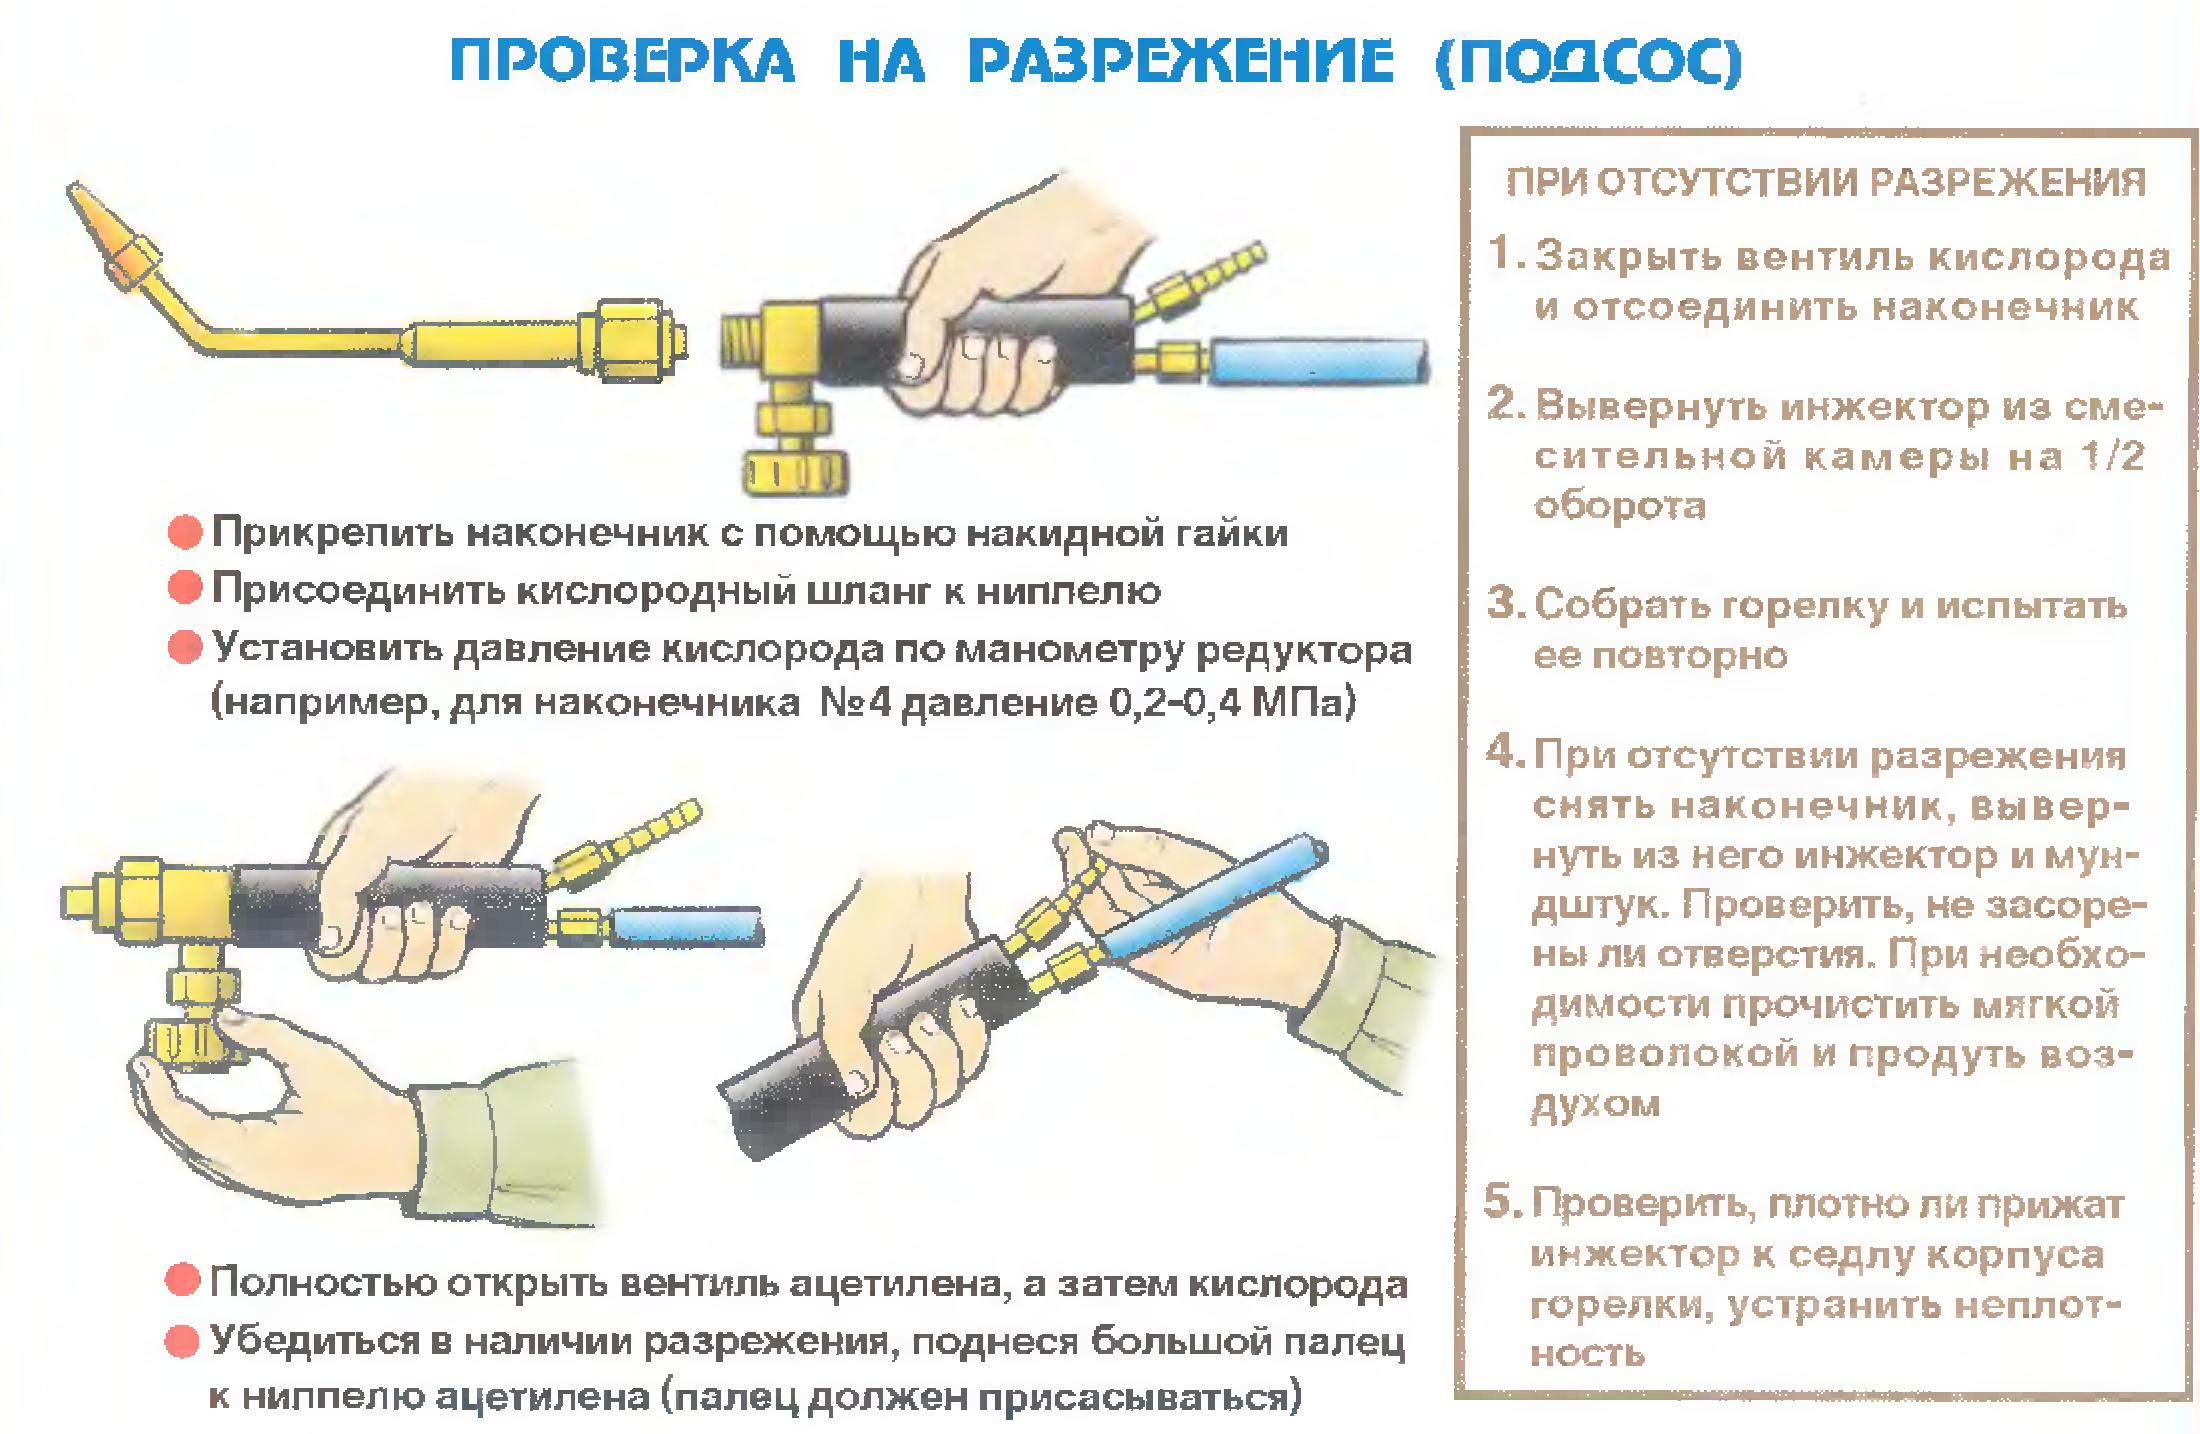 инструкция по проверке газопламенной аппаратуры